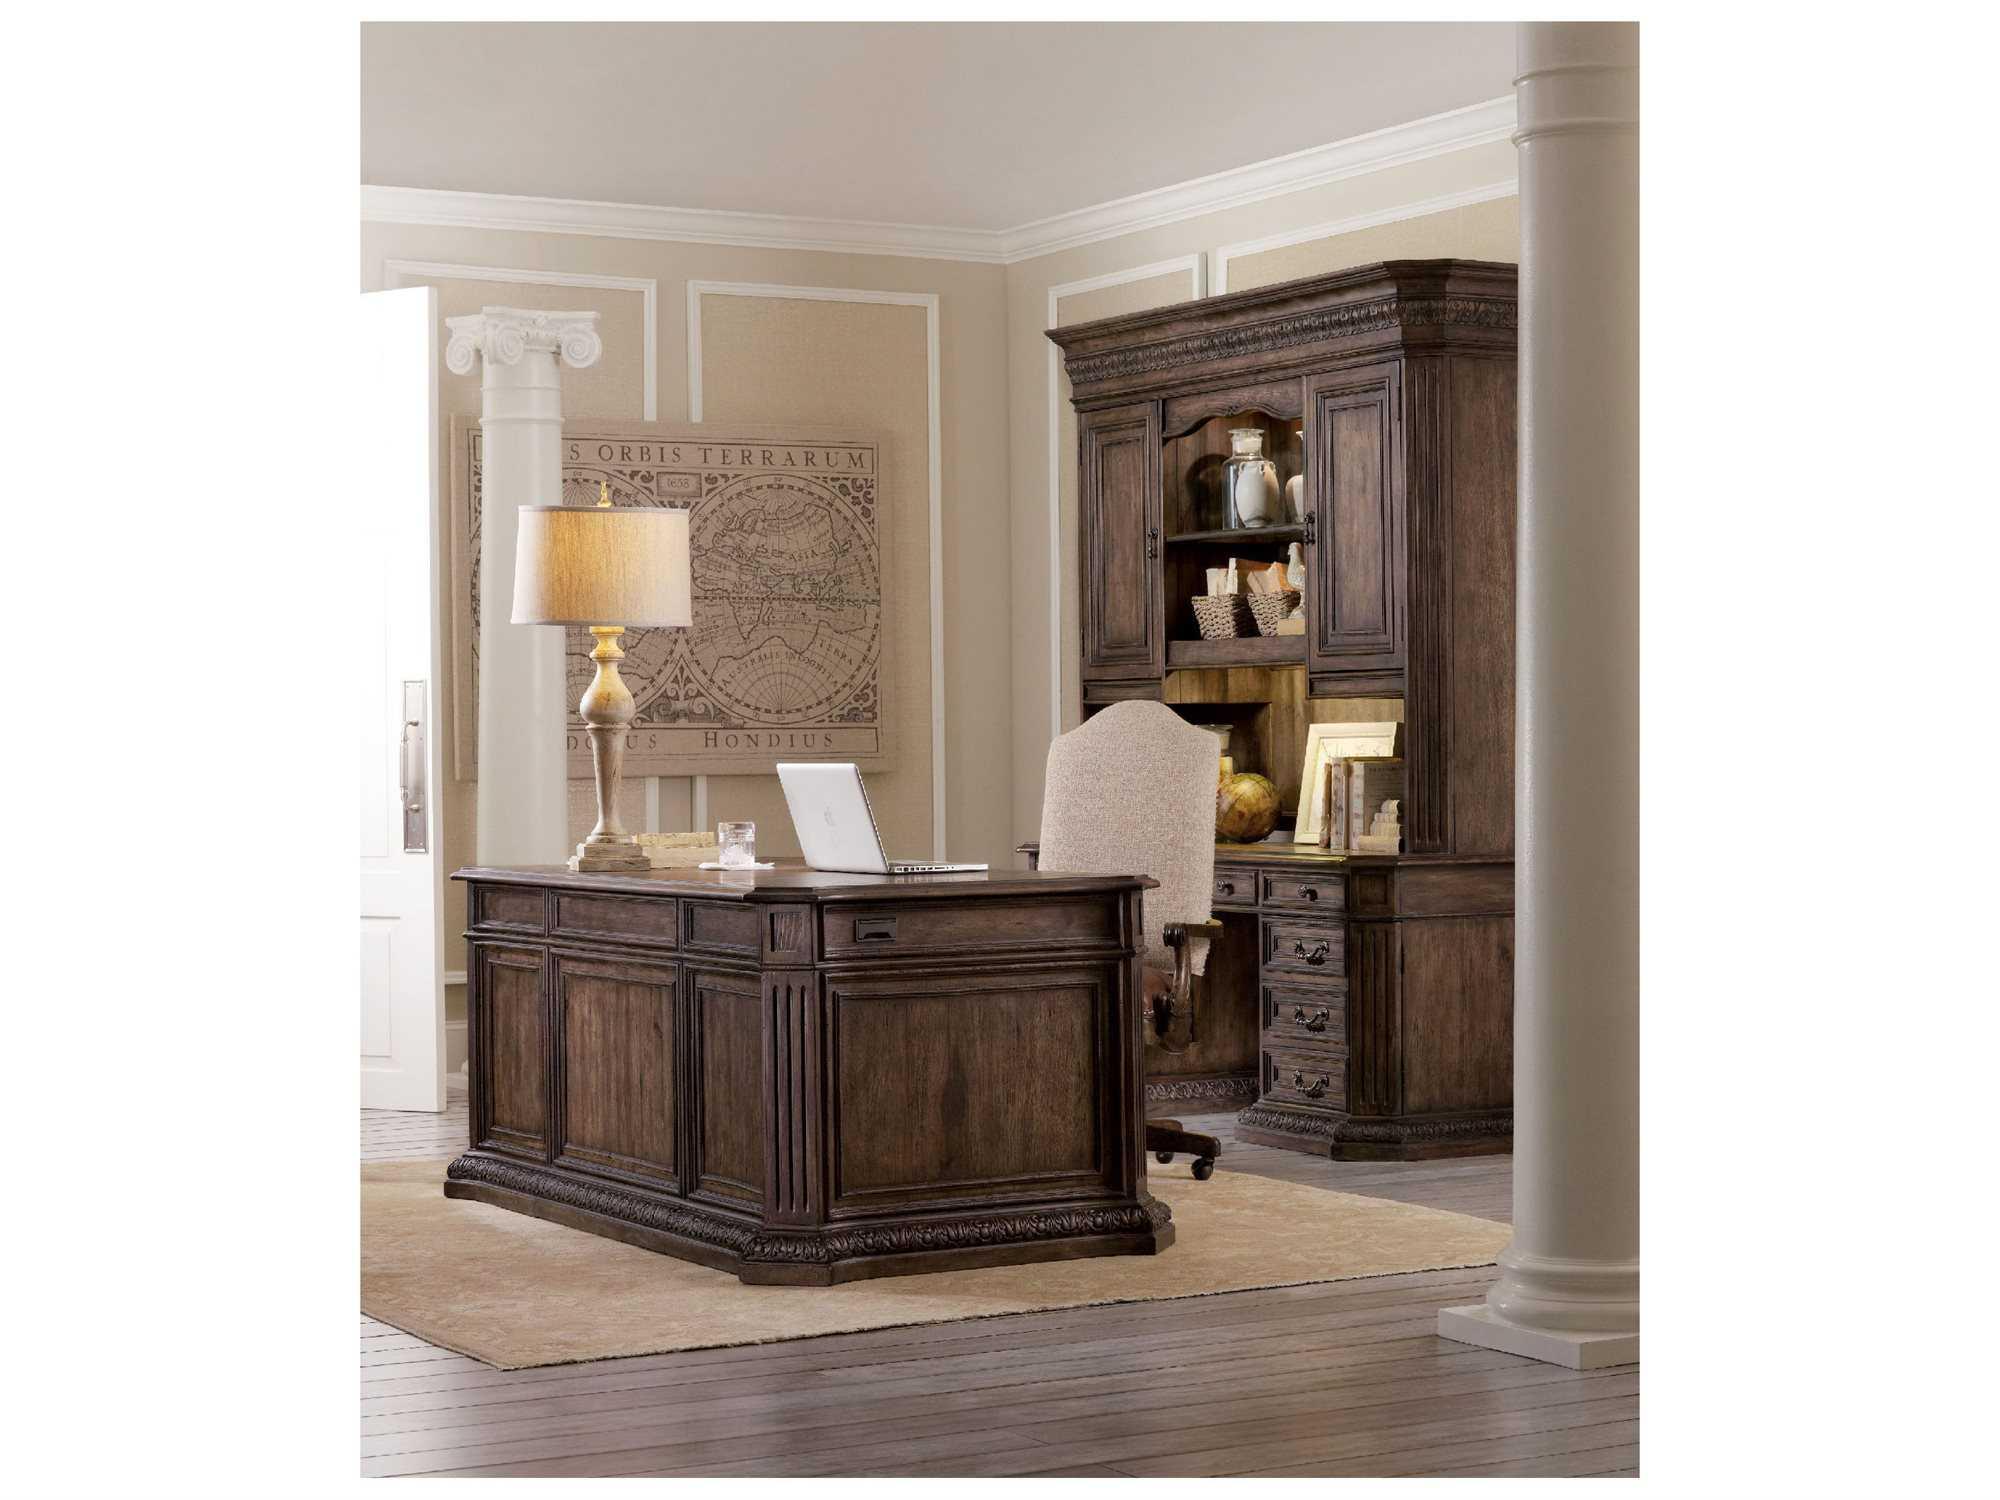 Hooker furniture rhapsody home office set hoo507010563set - Hooker home office furniture ...